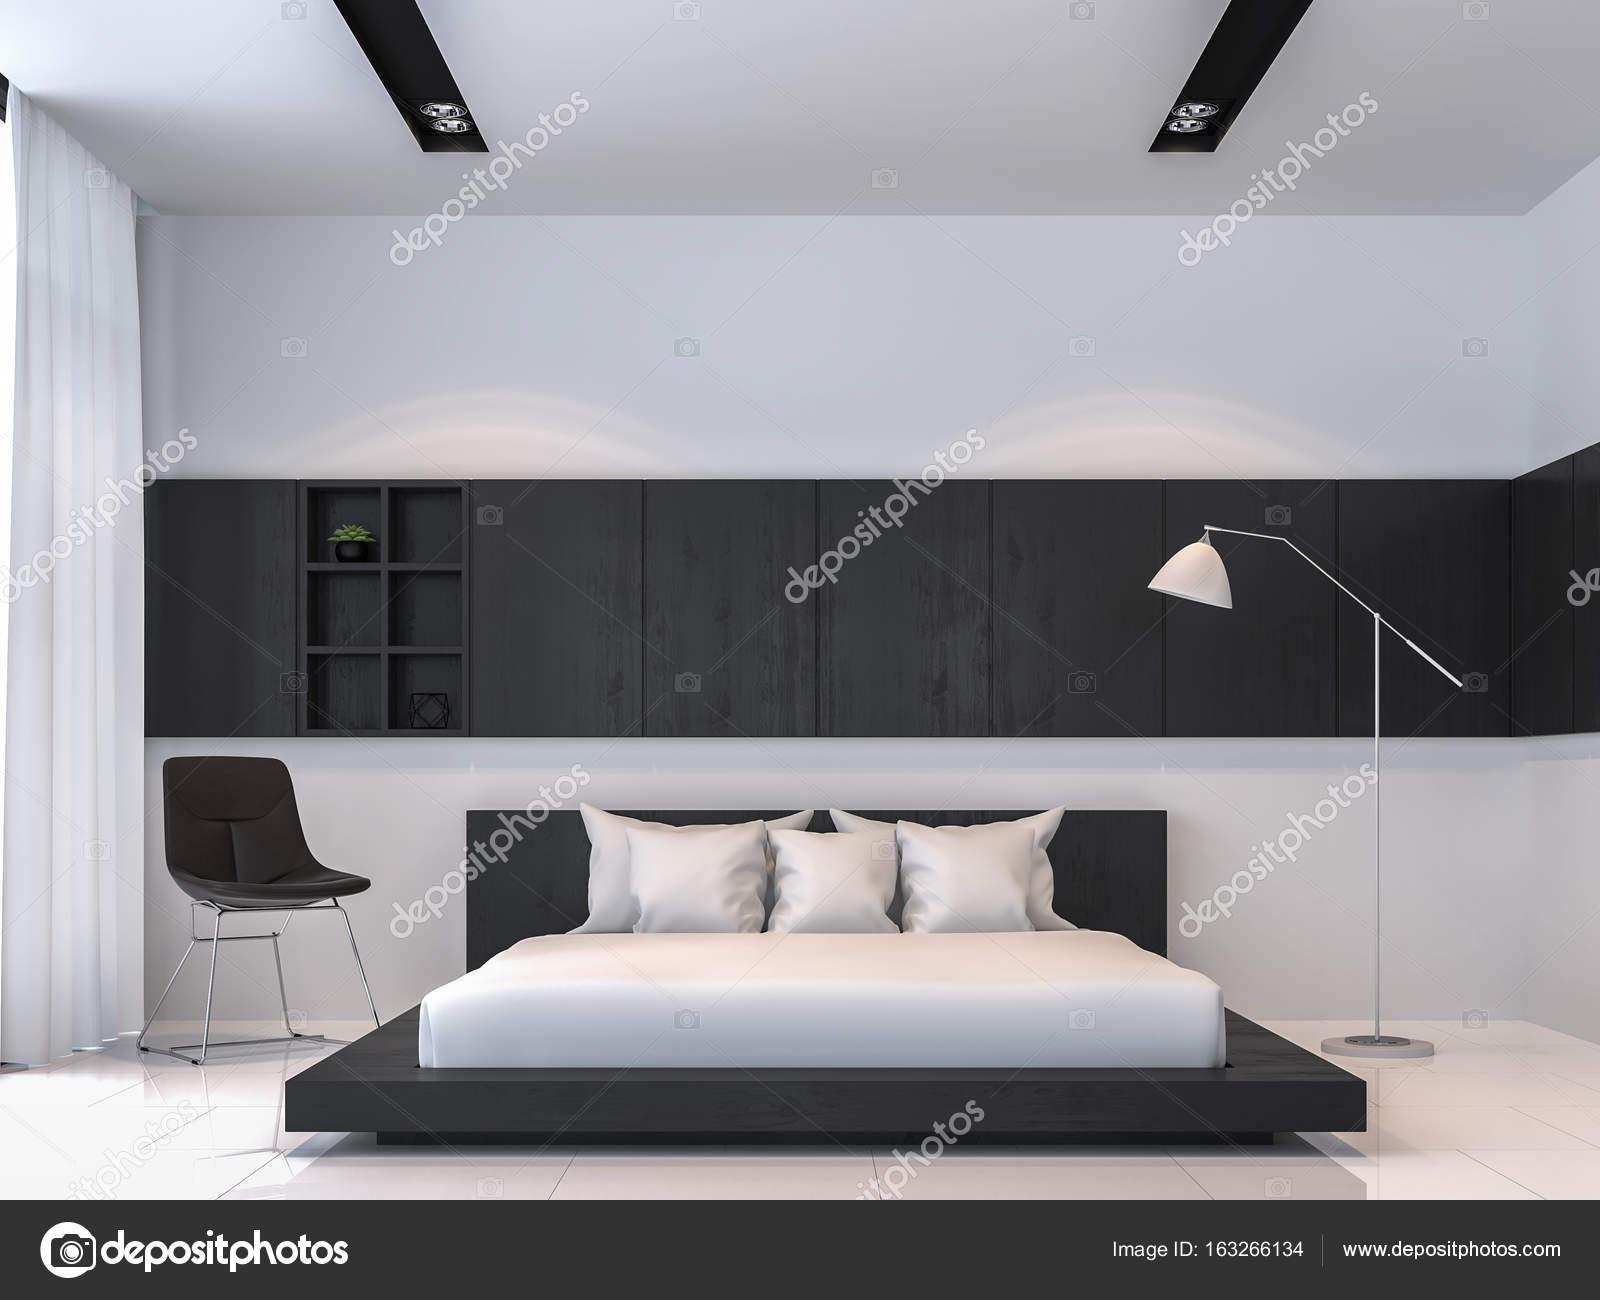 moderne zwart wit slaapkamer interieur minimalistische stijl 3d rendering beeld stockfoto